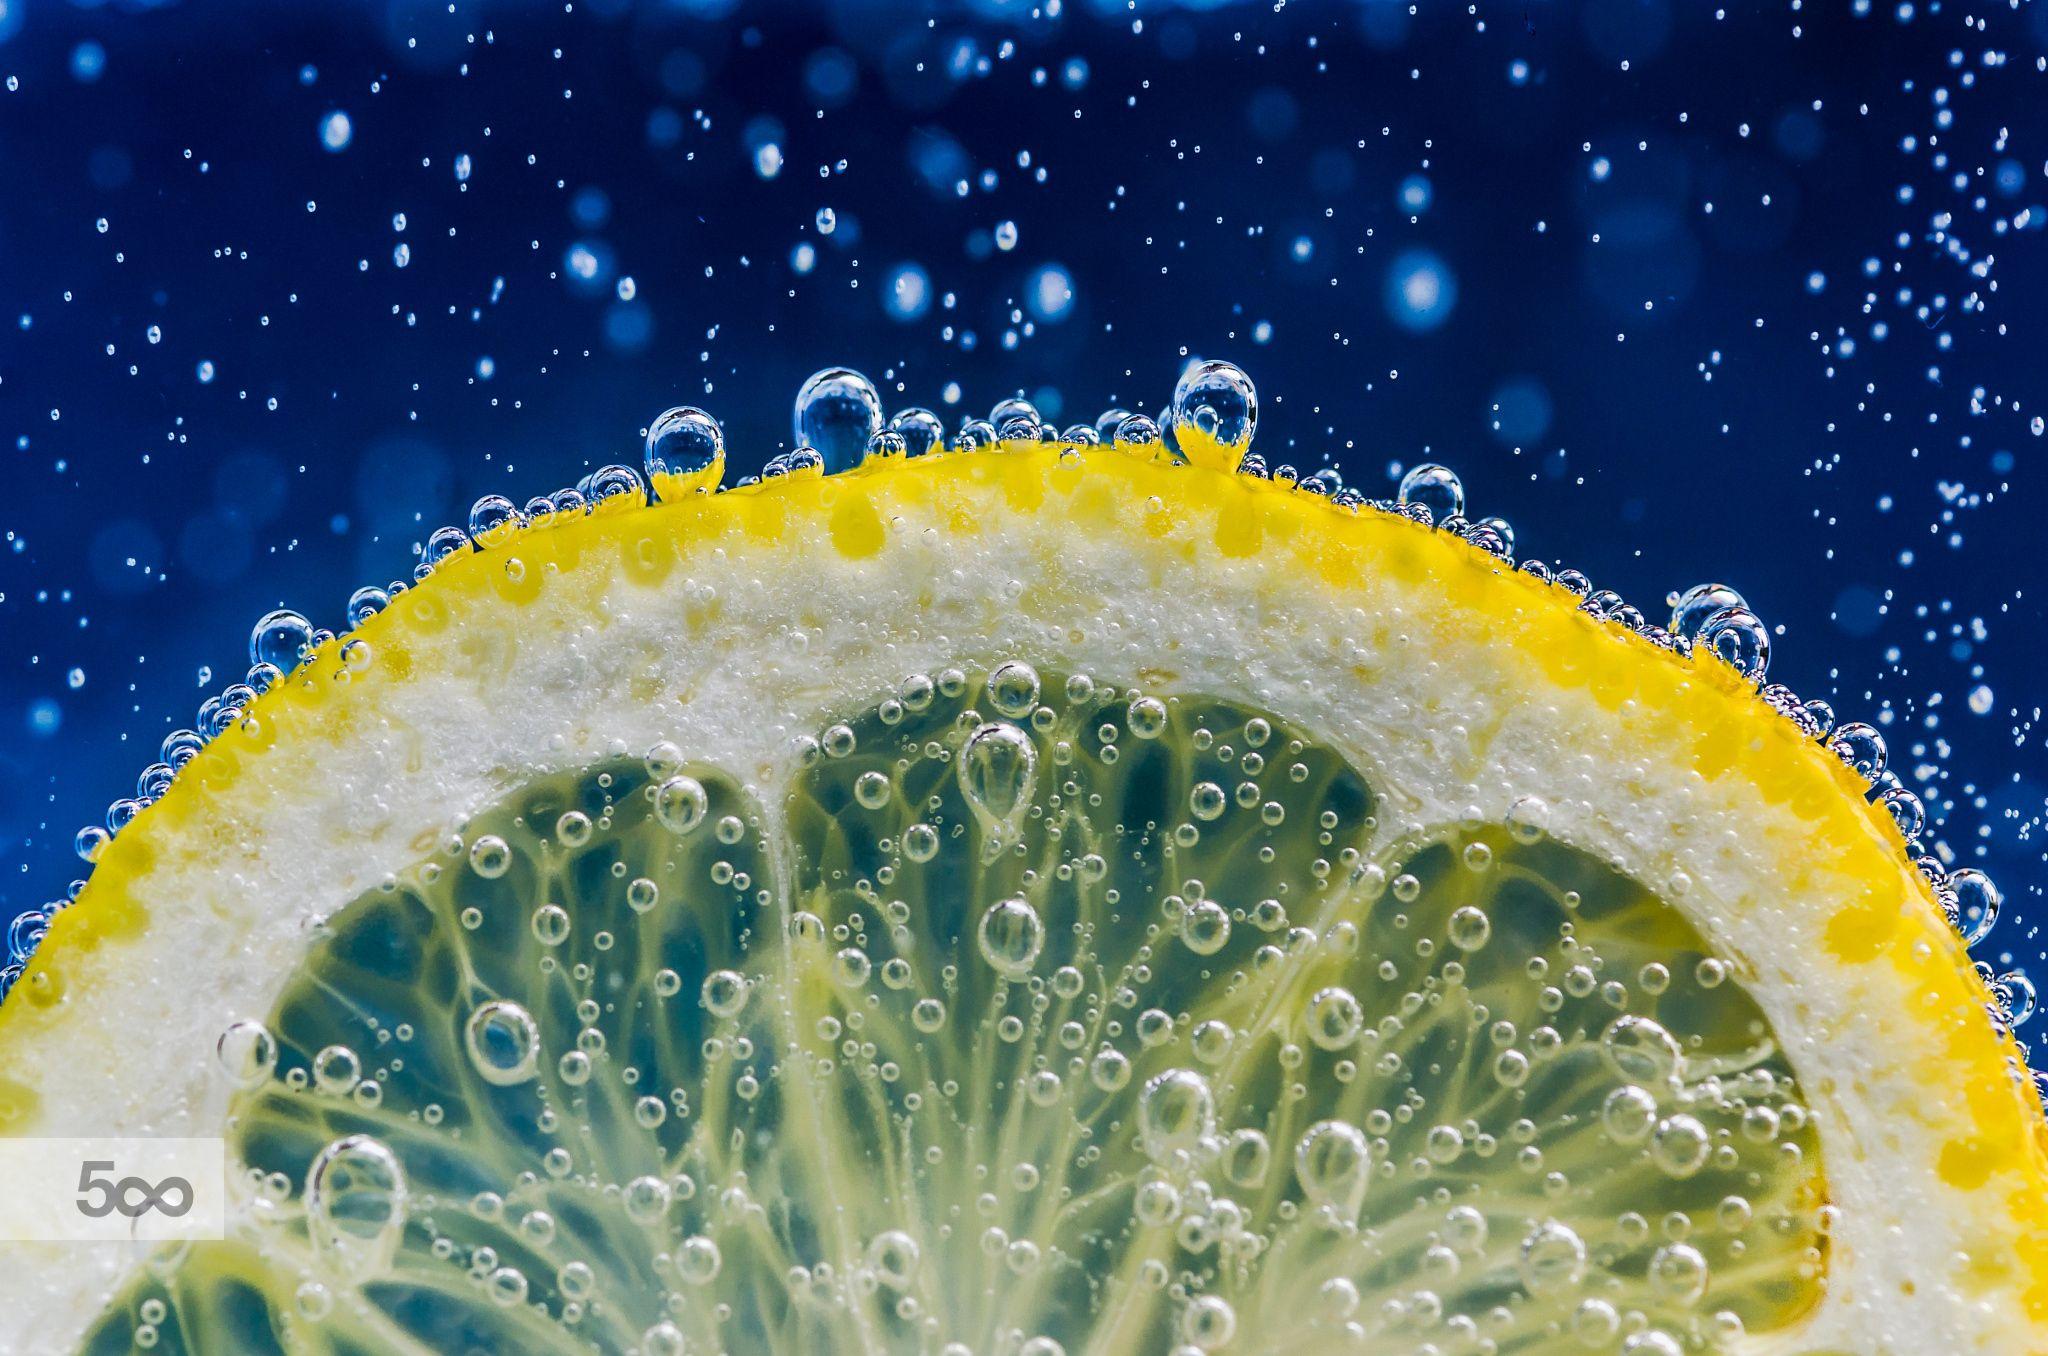 Lemon by Laurens Kaldeway on 500px